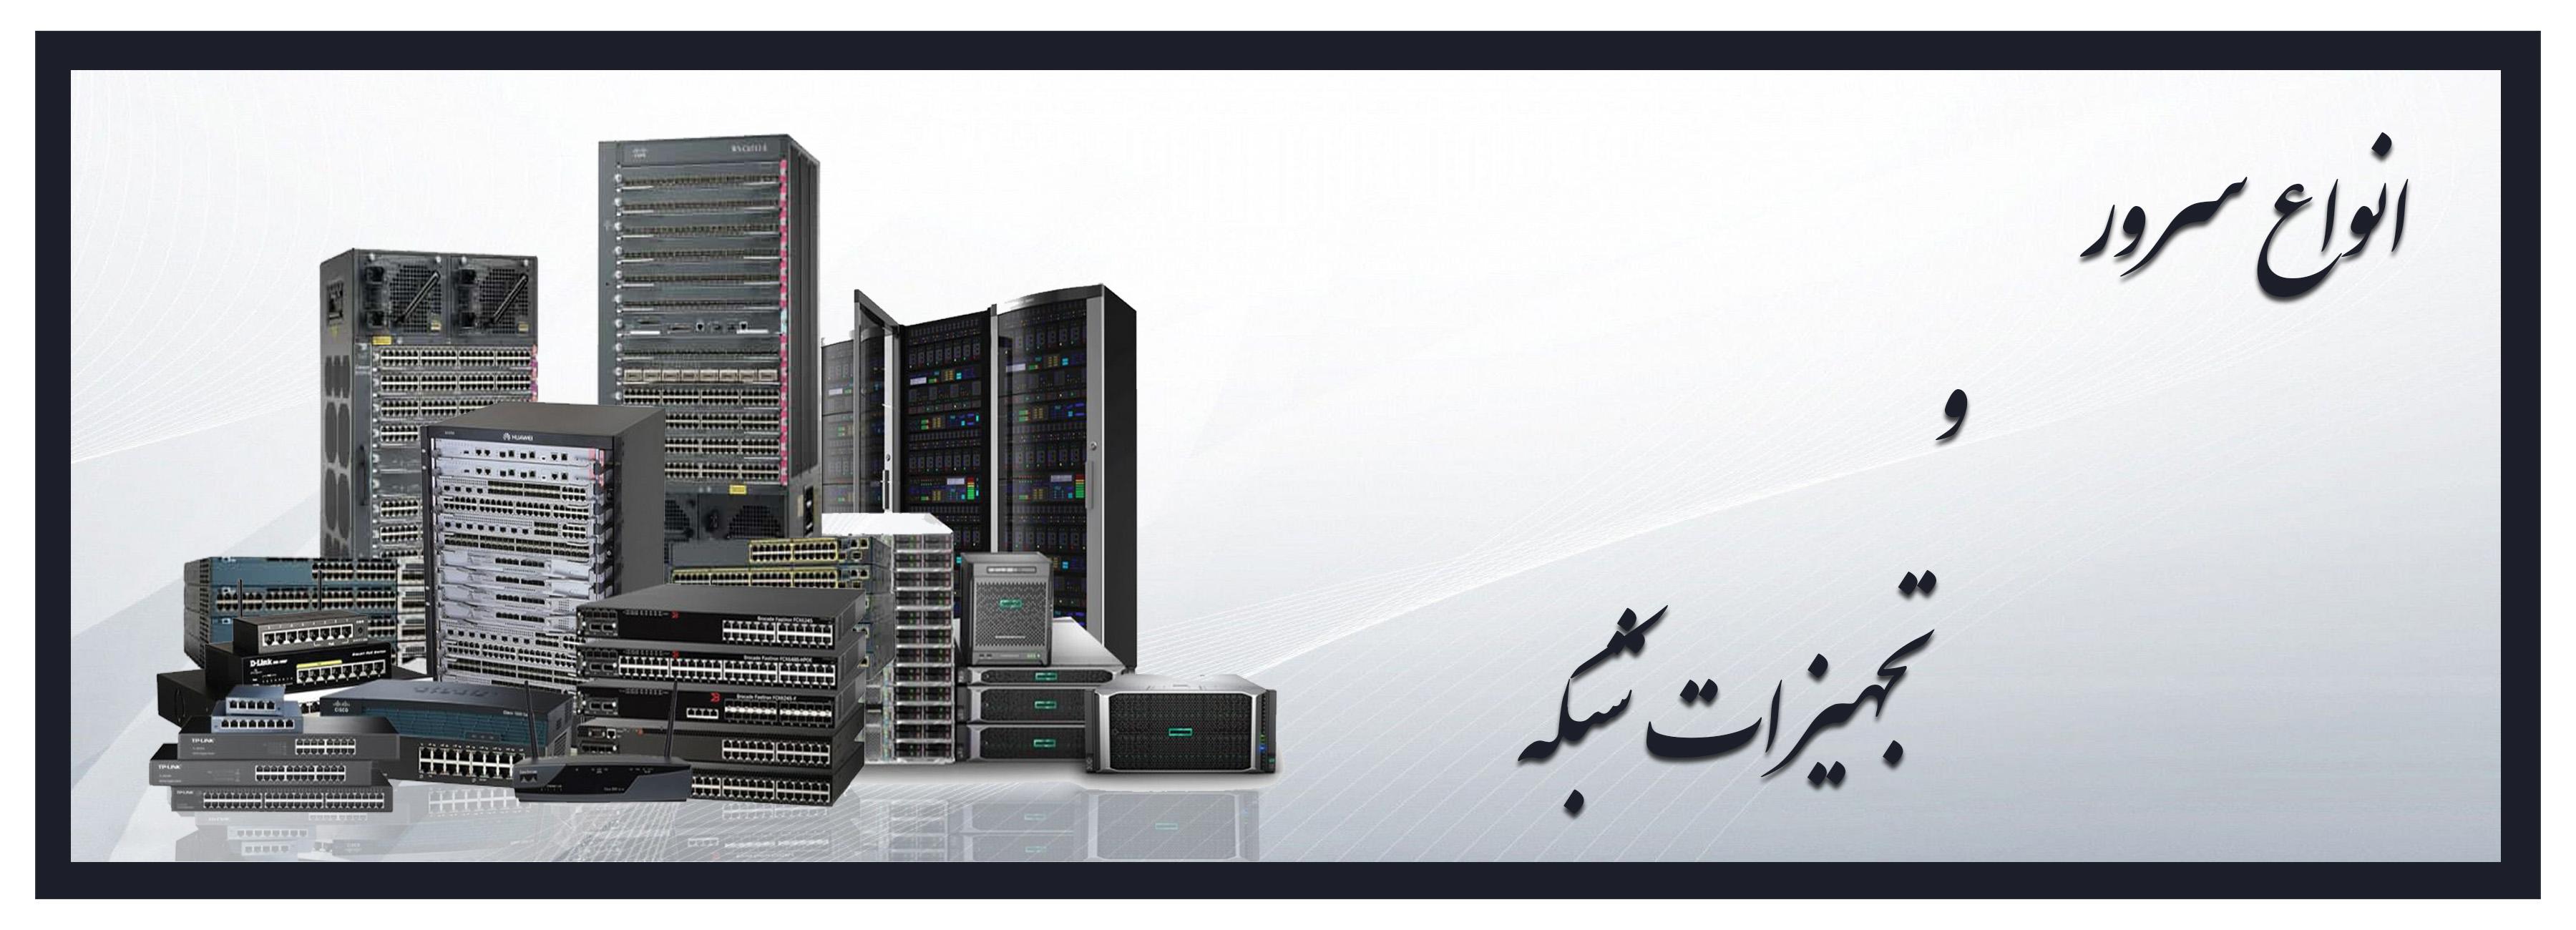 سرور و تجهیزات شبکه